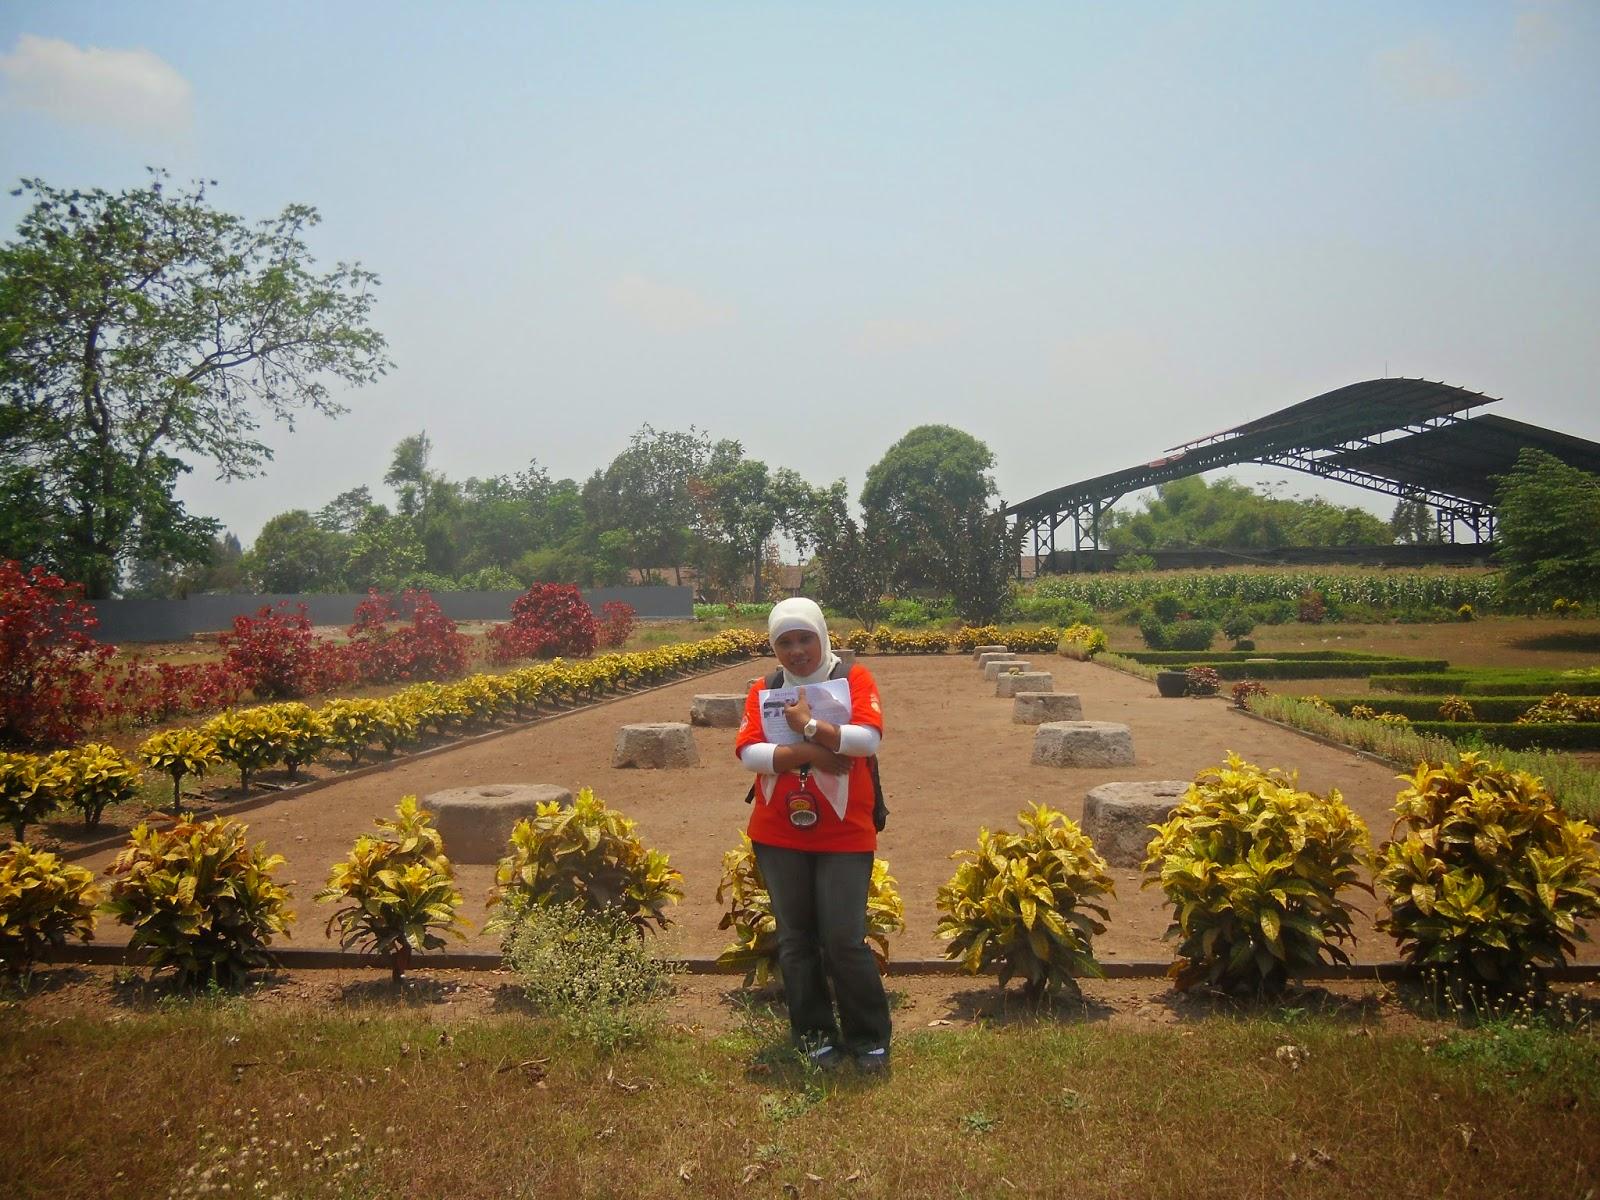 Nice World Situs Umpak Sentonorejo Berada Dusun Kedaton Desa Kecamatan